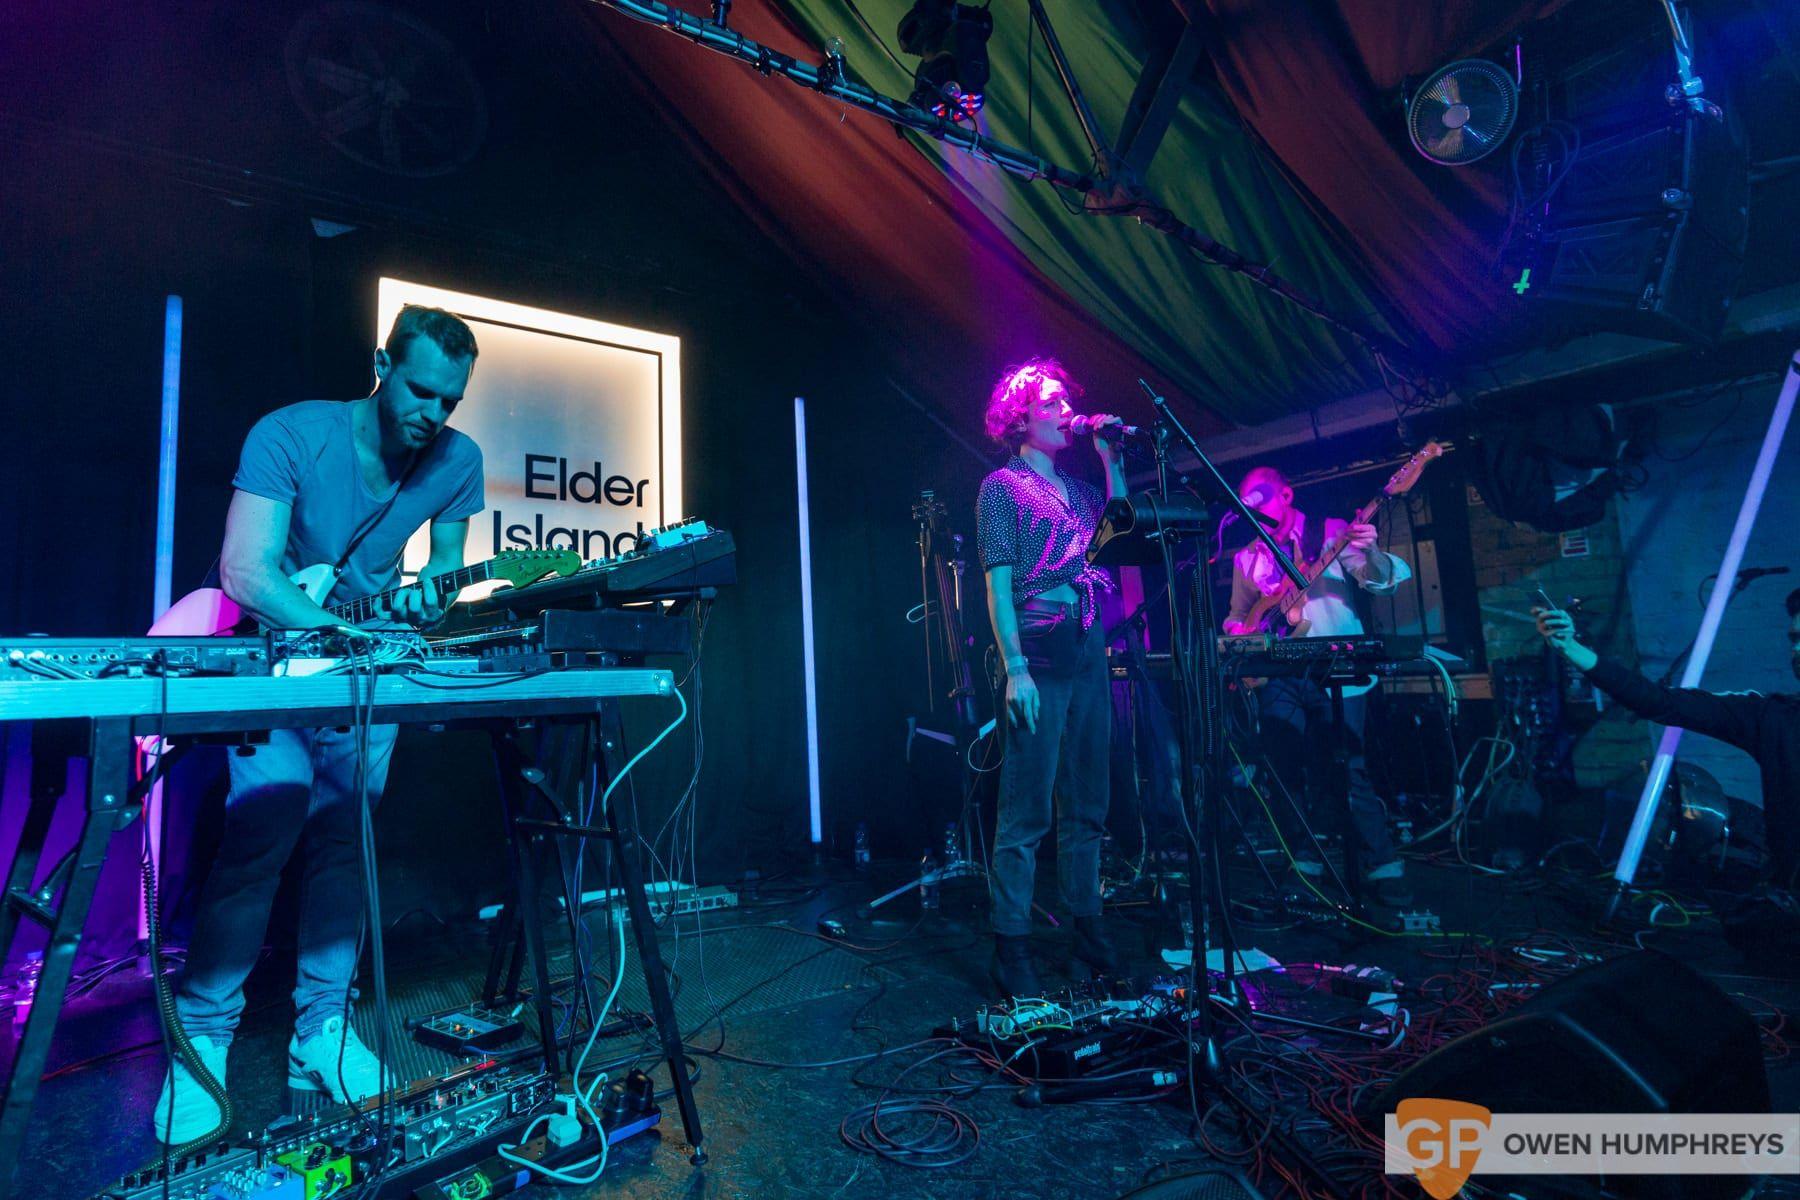 Elder Island at The Grand Social. Photo by Owen Humphreys www.owen.ie